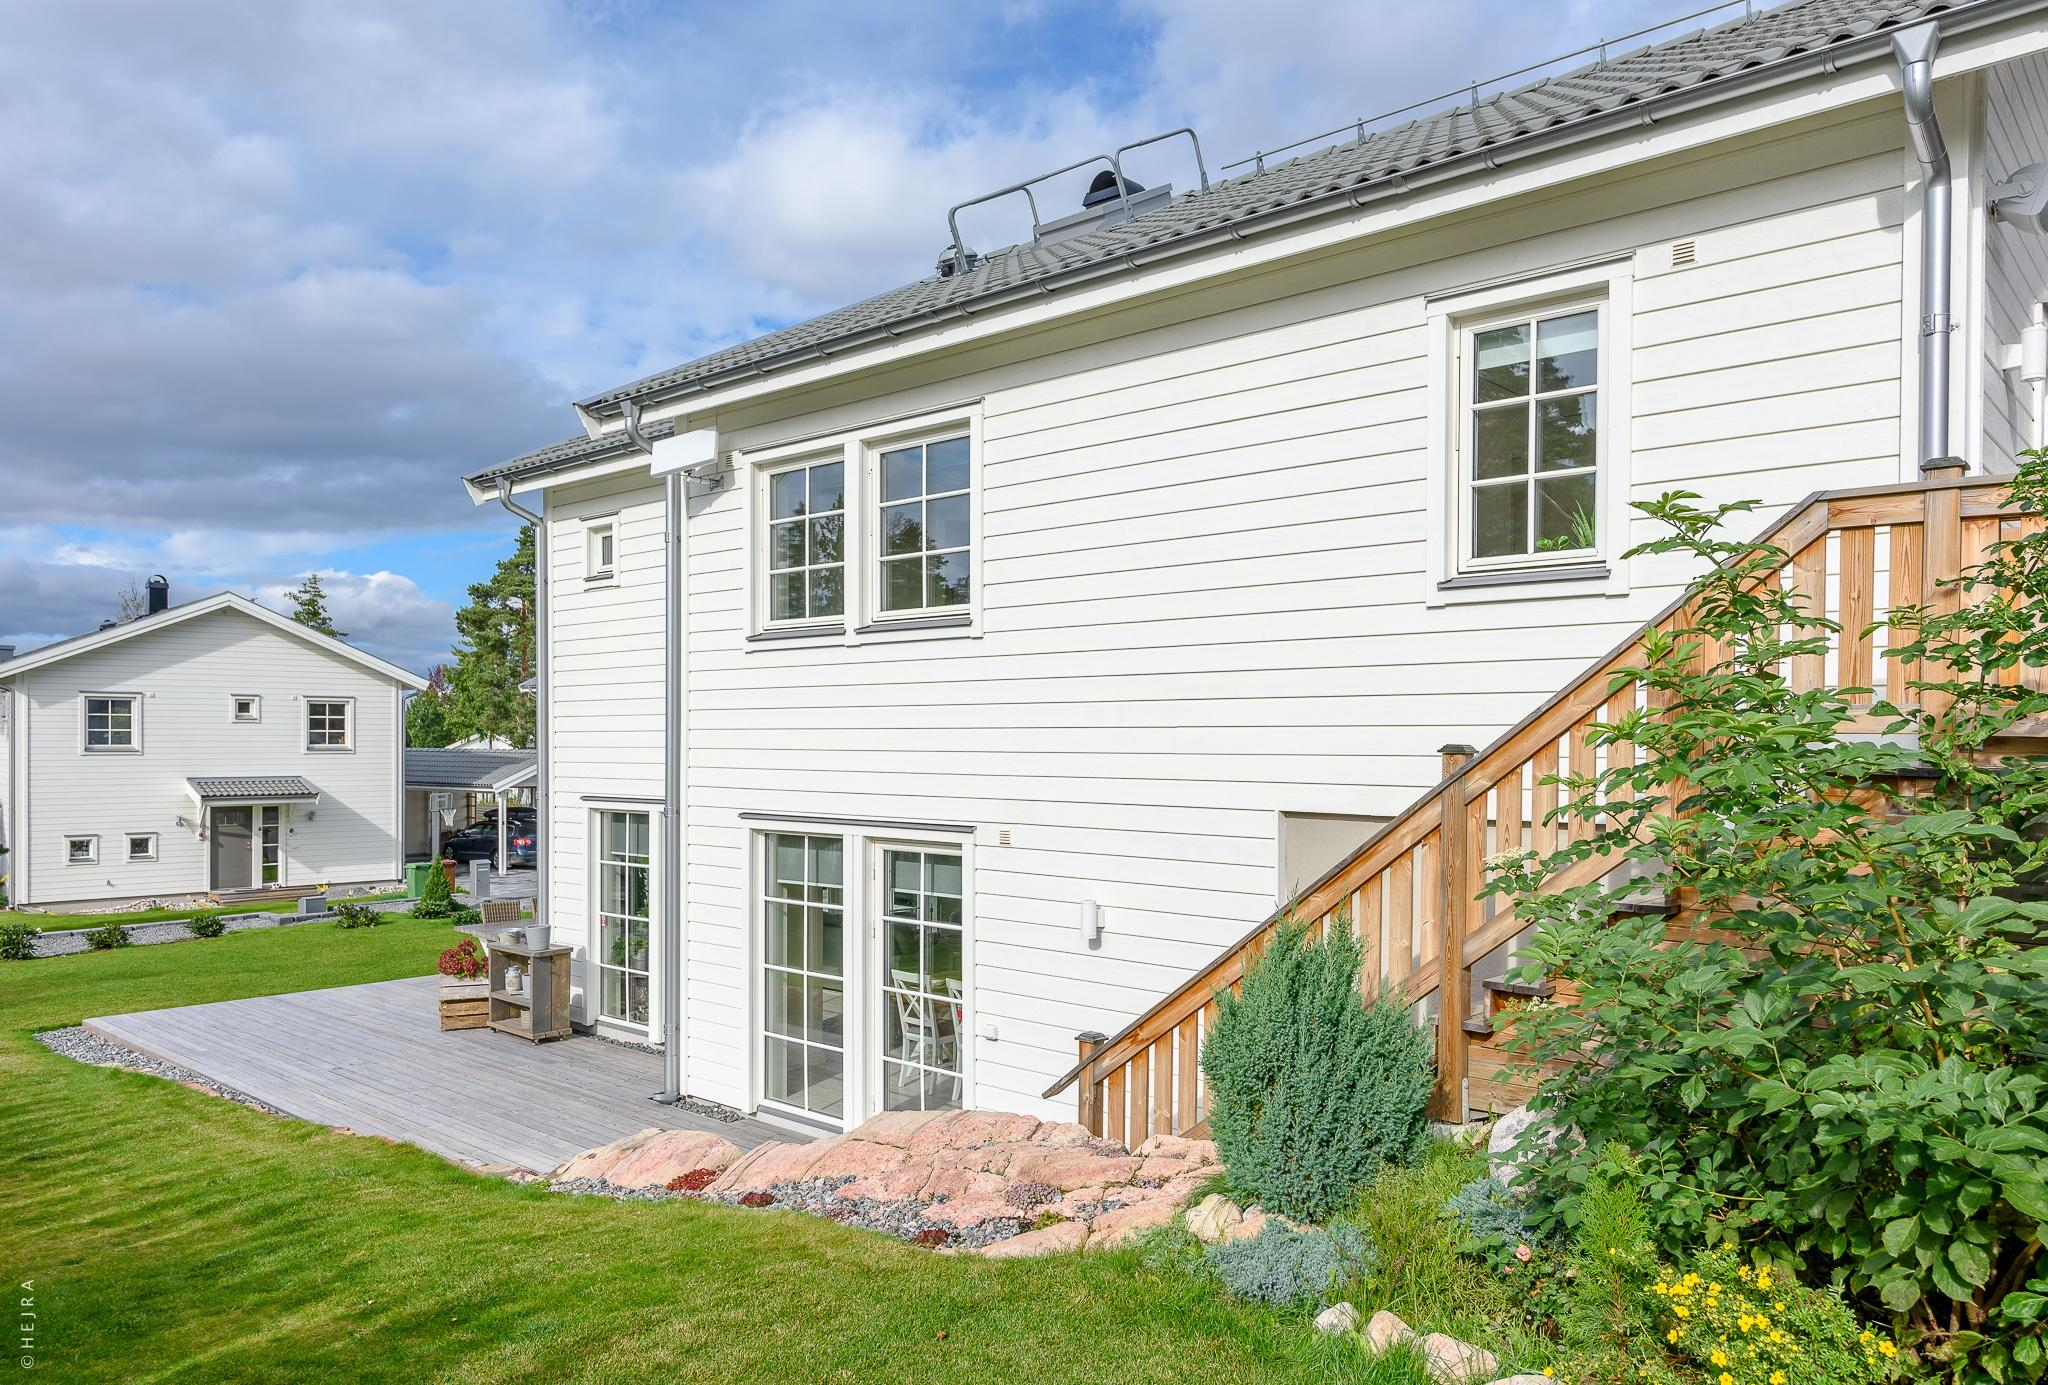 деревянный дом лестница на террасу озеленение газон отмостка деревянный настил